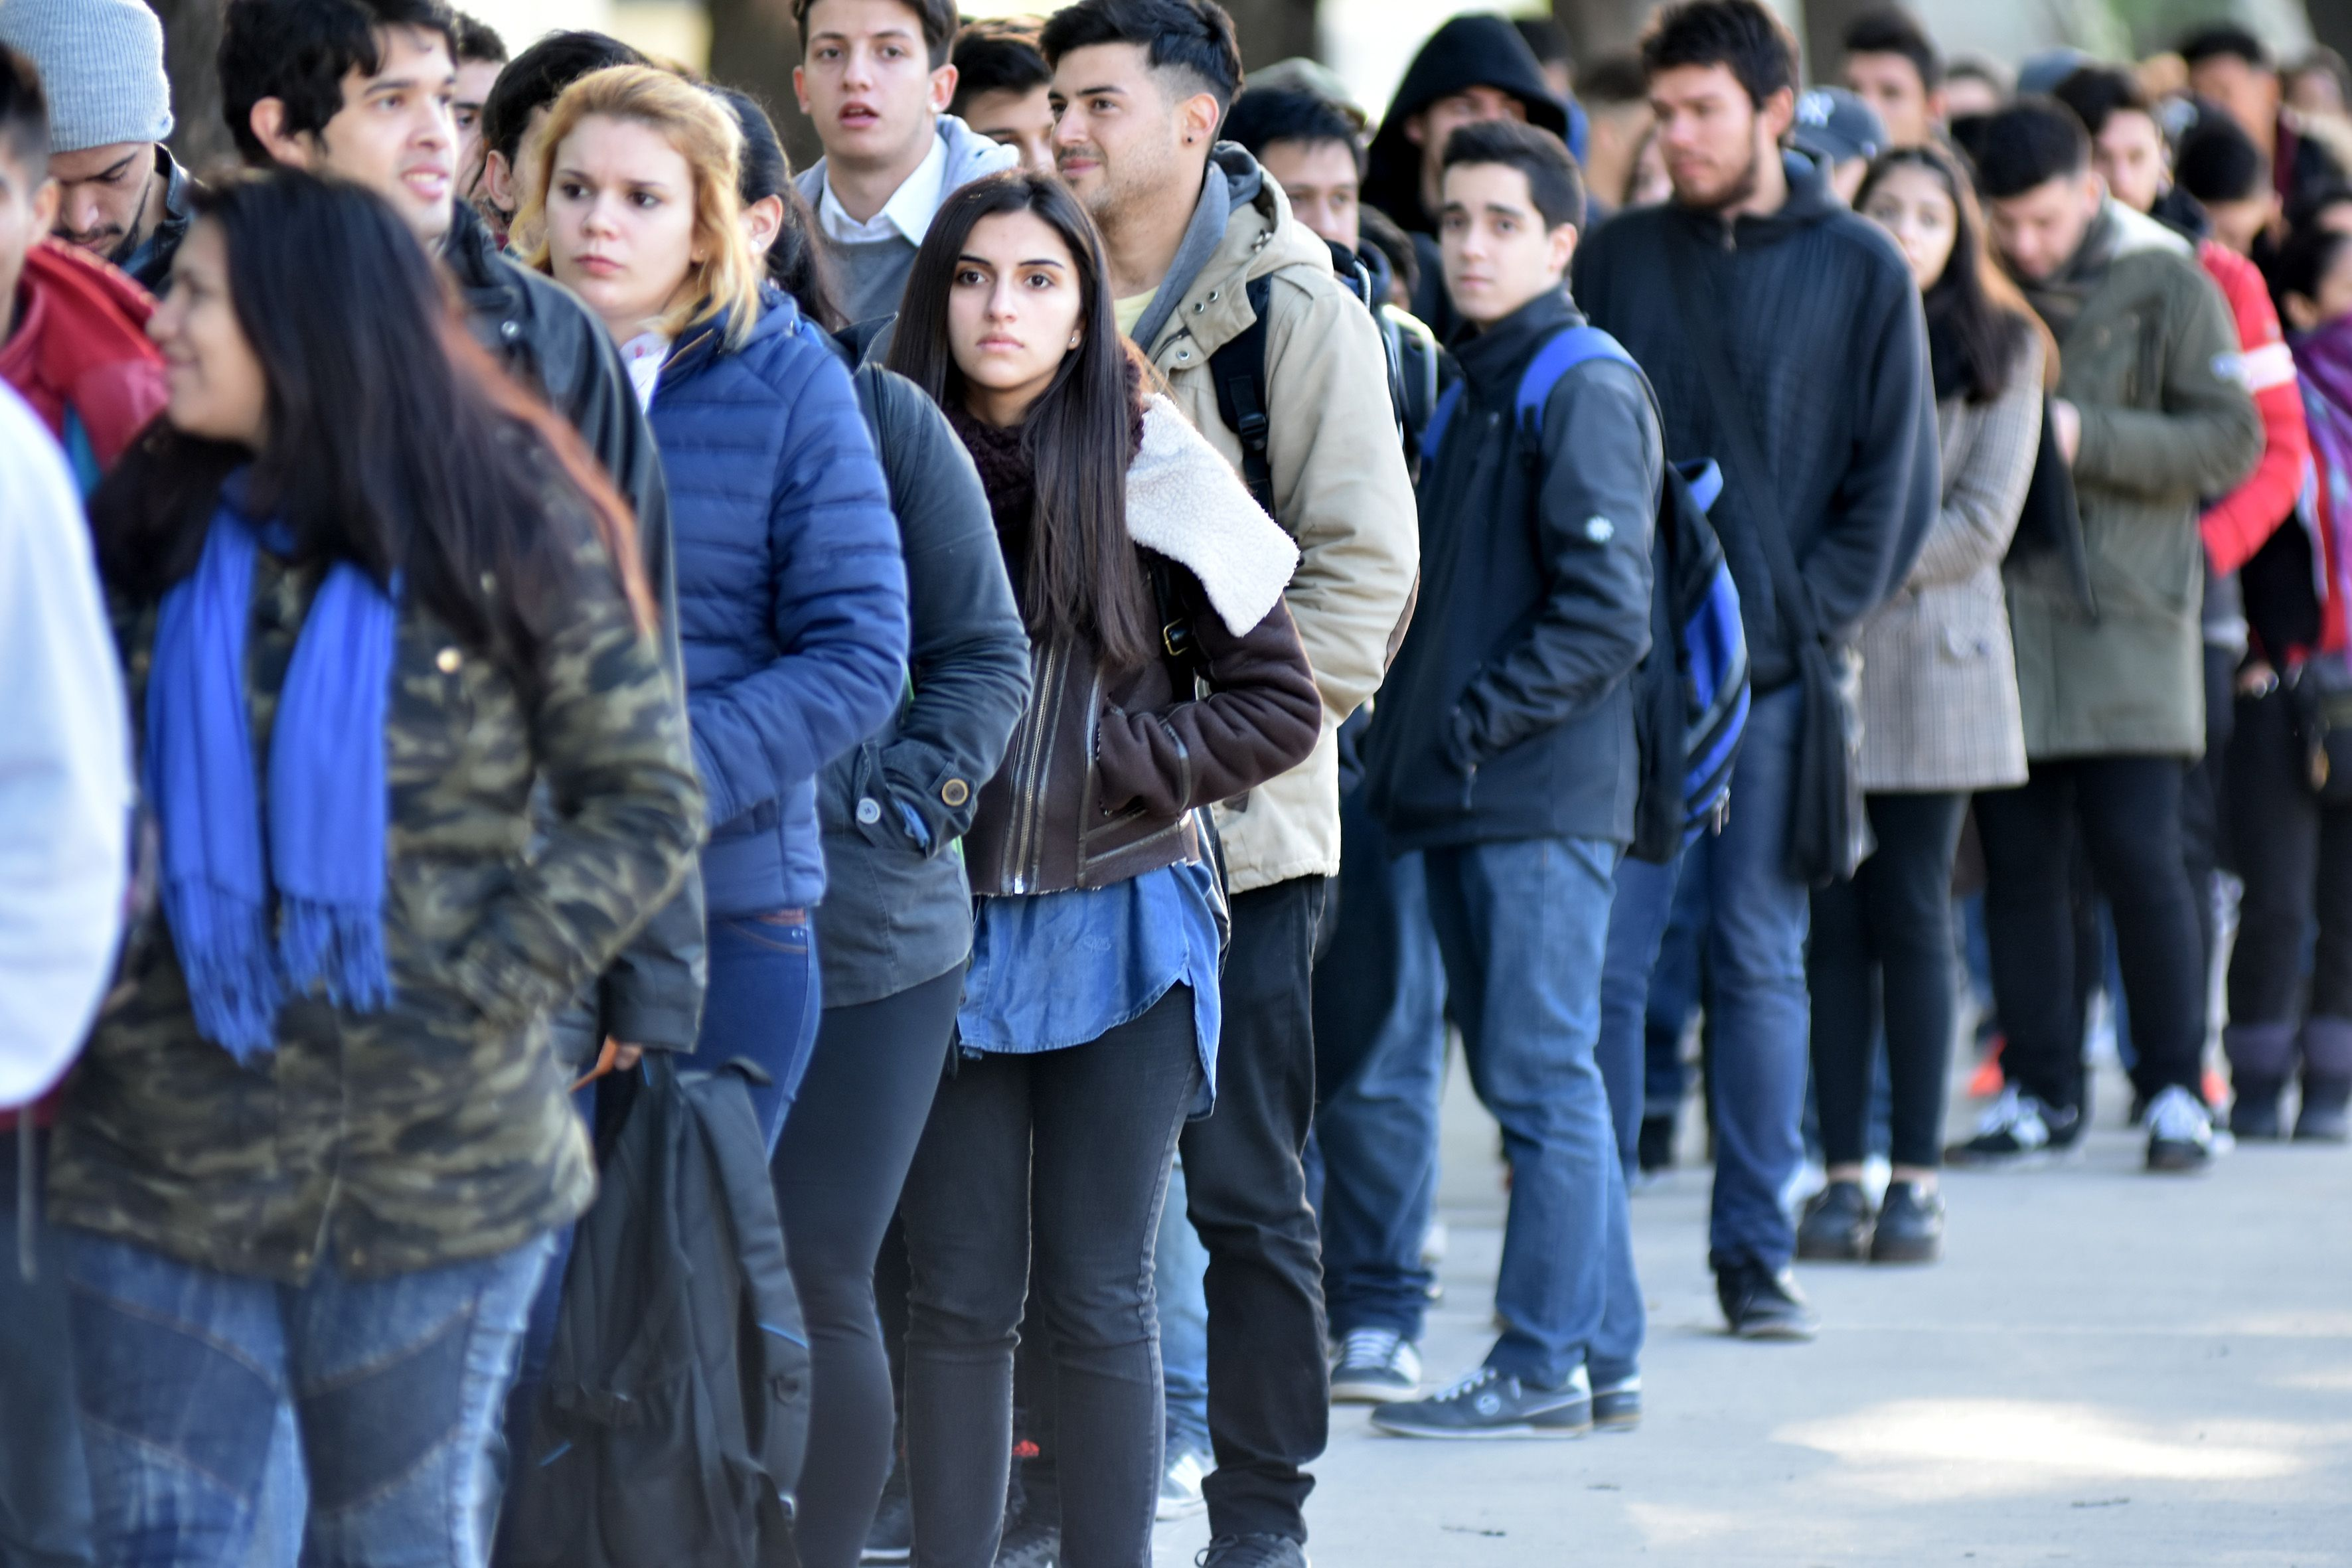 Más de 10 mil jóvenes  que asisten a la expo de empleo están sin trabajo